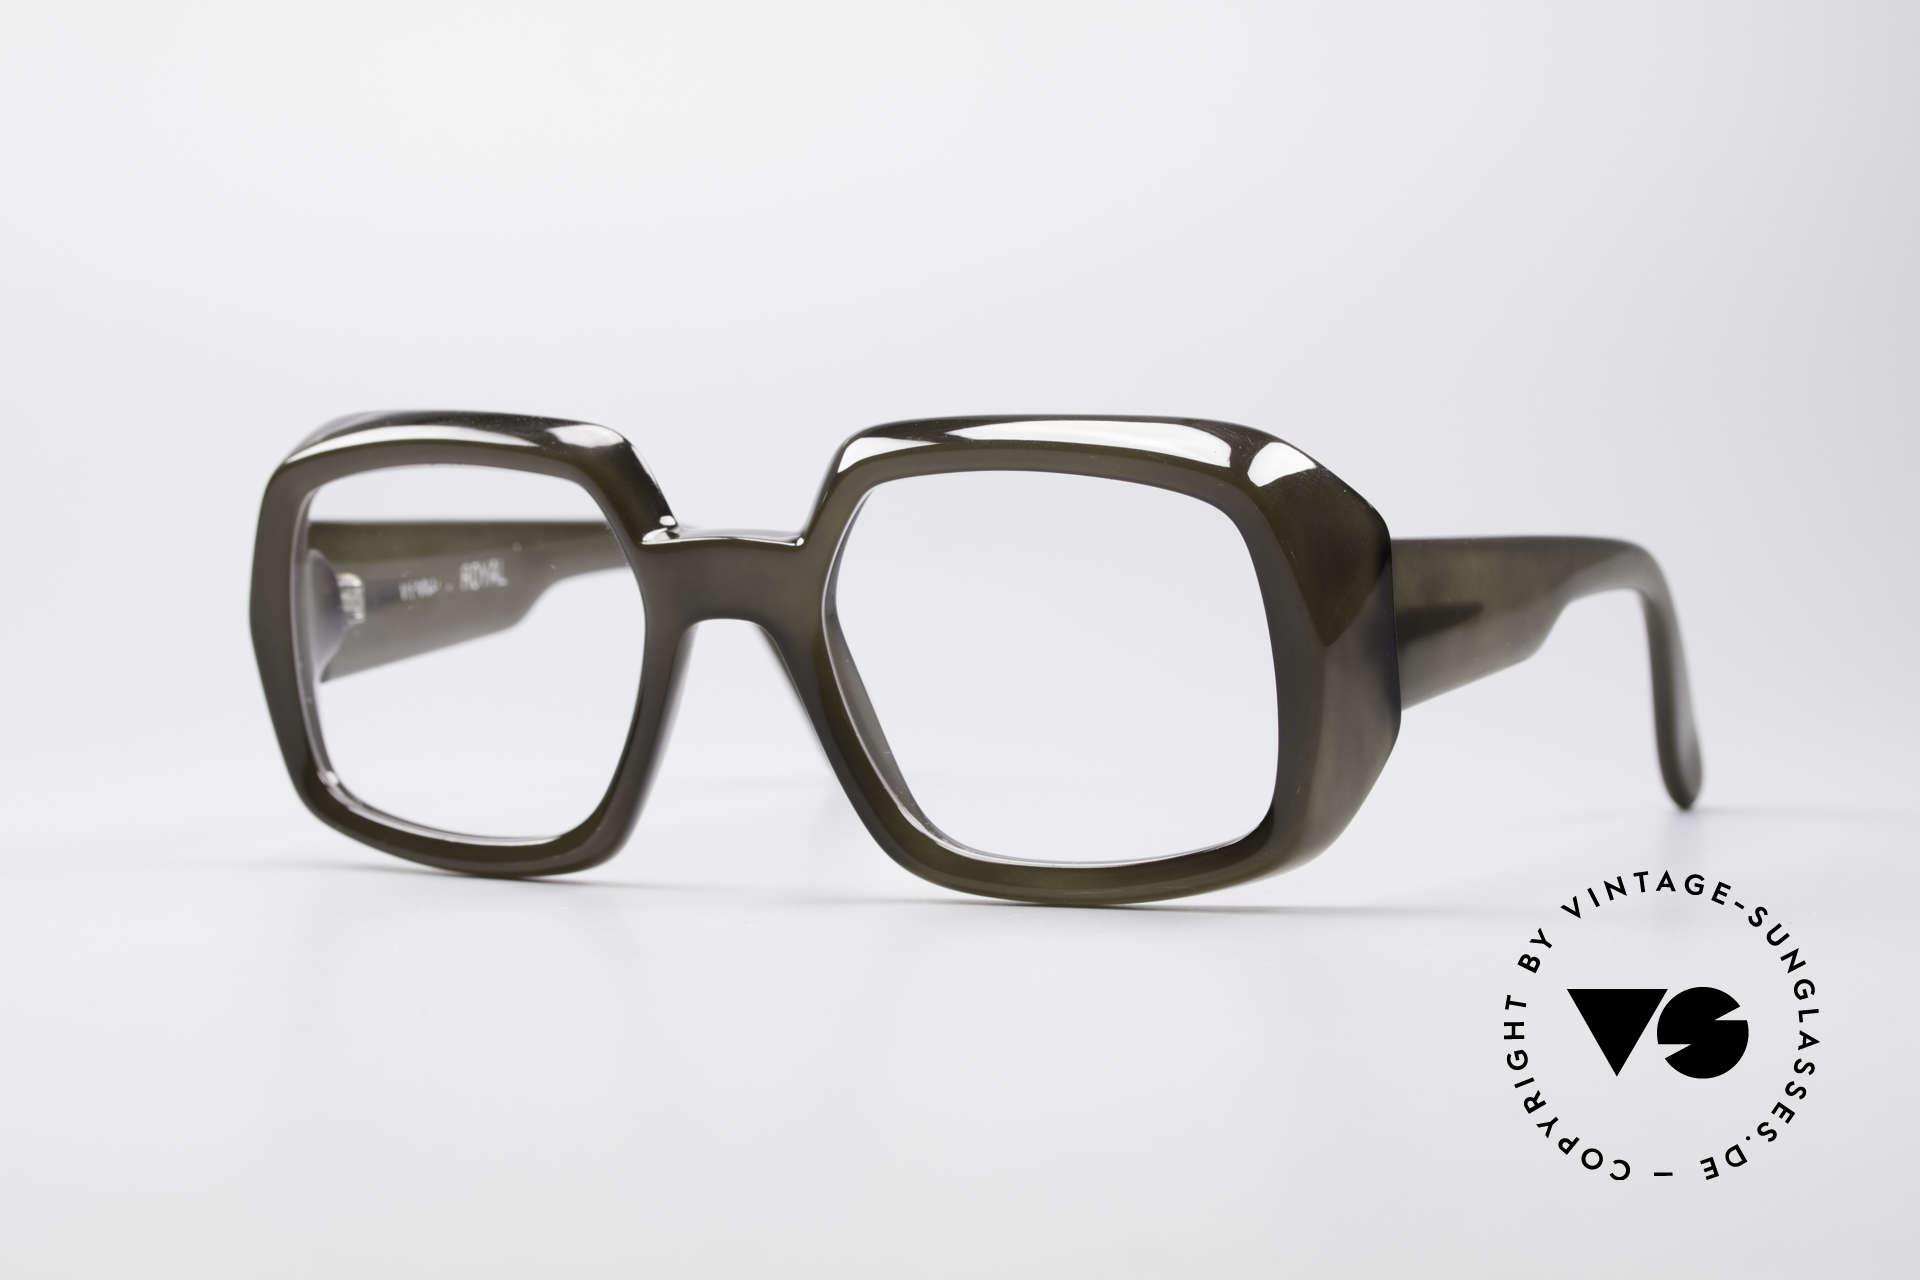 ViennaLine Royal 1601 Goliath Monsterbrille, unglaubliche VINTAGE Old School Brille von ViennaLine, Passend für Herren